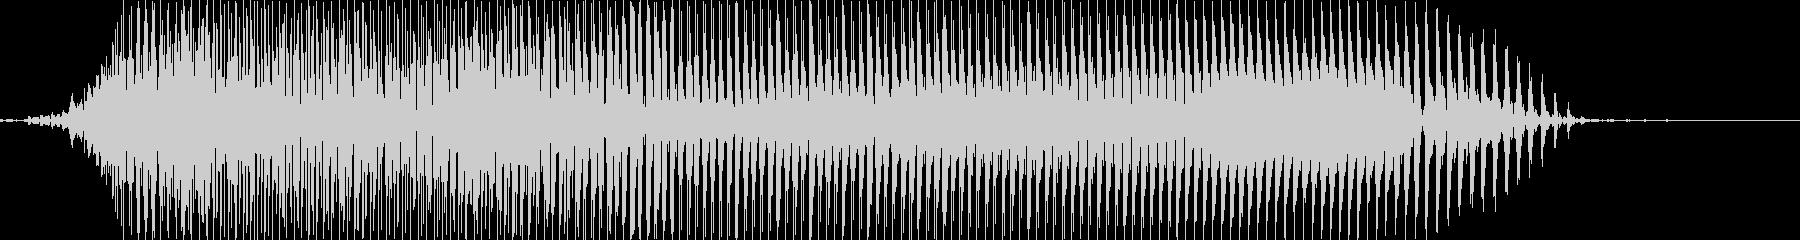 ぎゃーっ!の未再生の波形